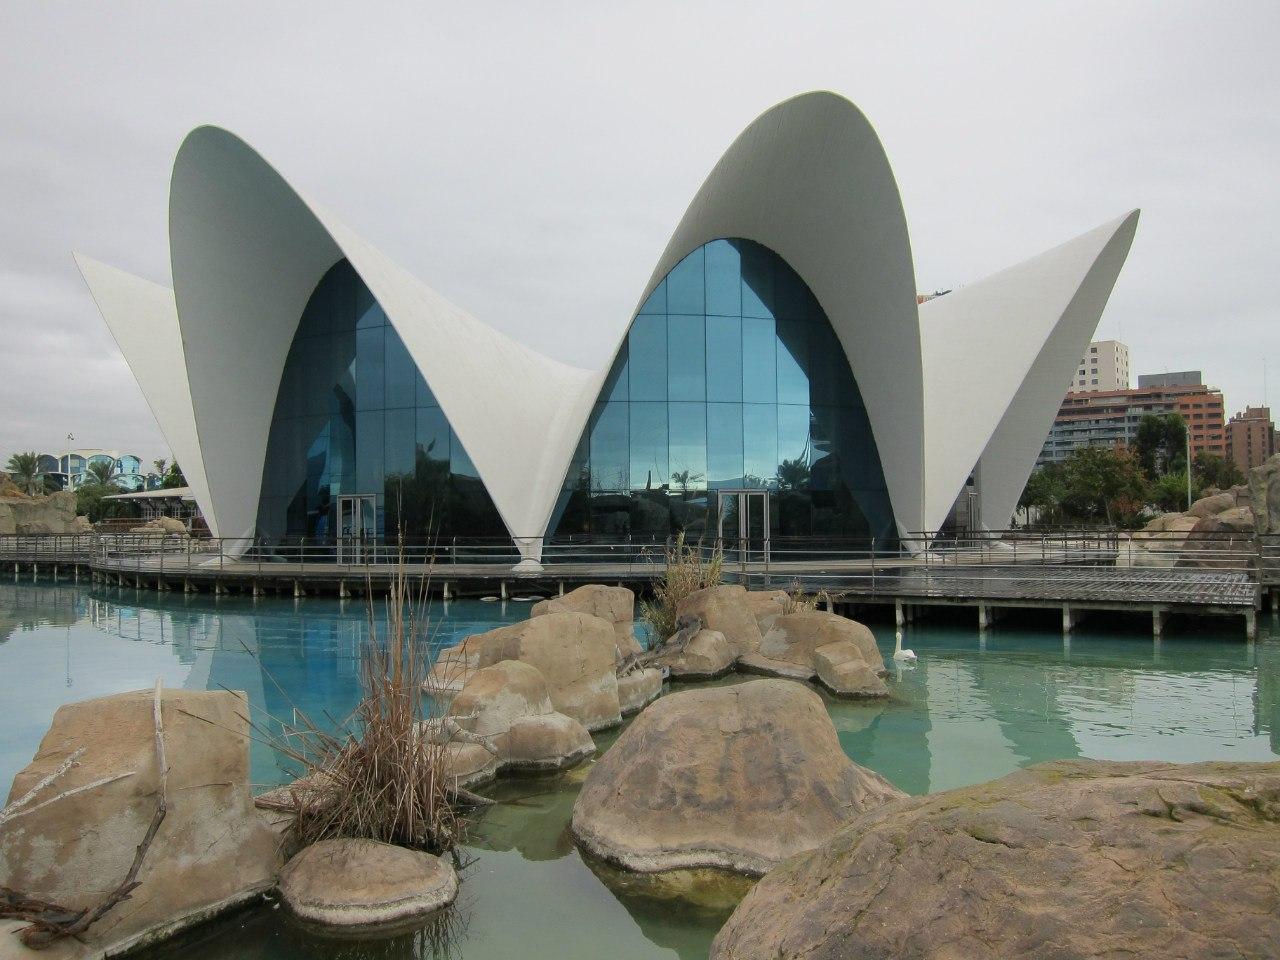 Барселона - Валенсия - Мадрид - Канары за 2 недели ноября (много фото)